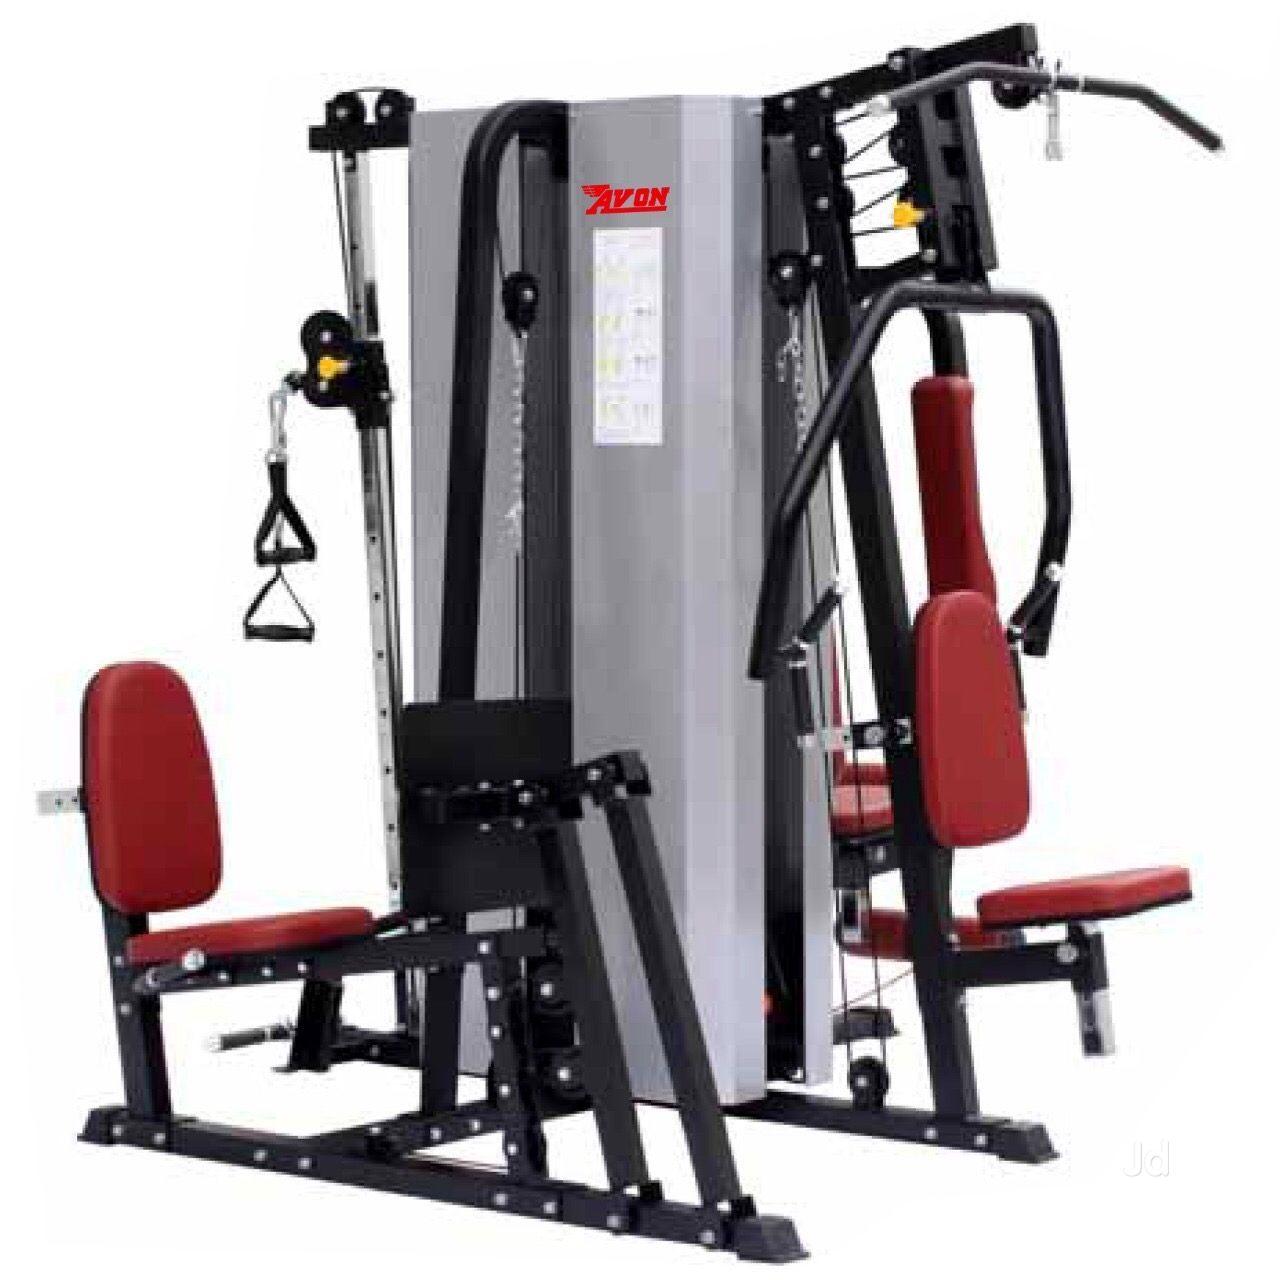 9 Basic Treadmill Maintenance Tips For Beginners